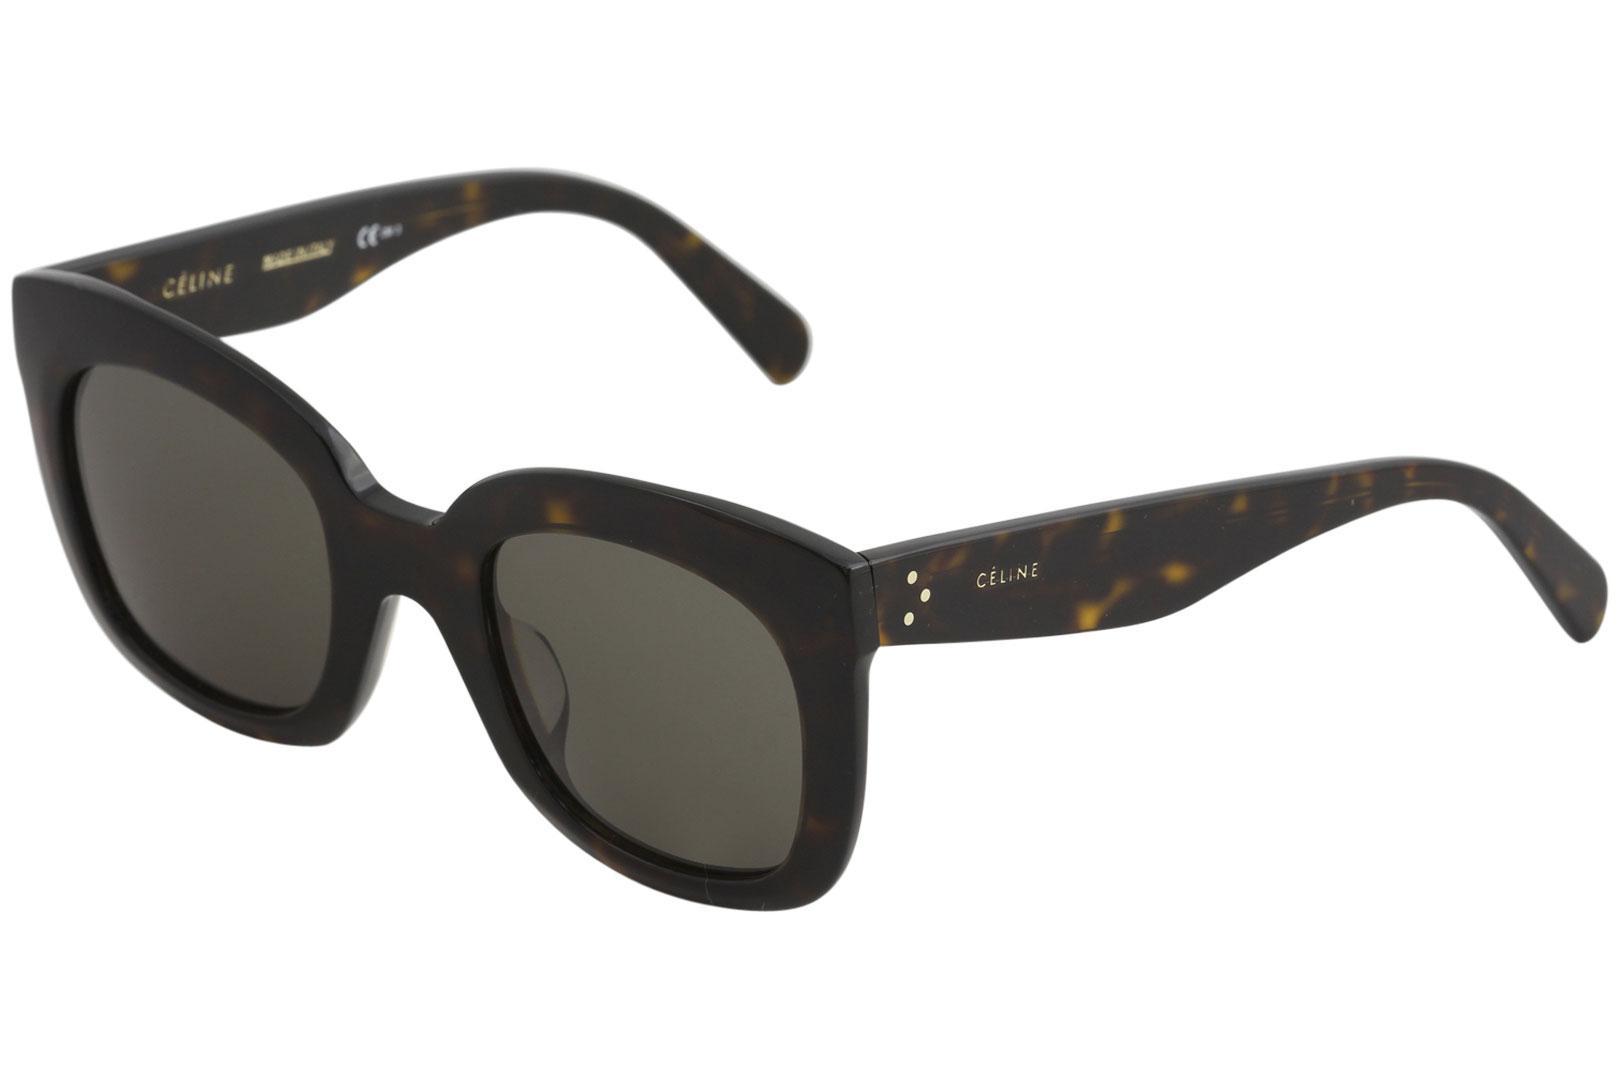 e7c34a2379b0 Details about Celine Women's CL 41385/F/S 086/70 Dark Havana Square  Sunglasses 51mm Asian Fit